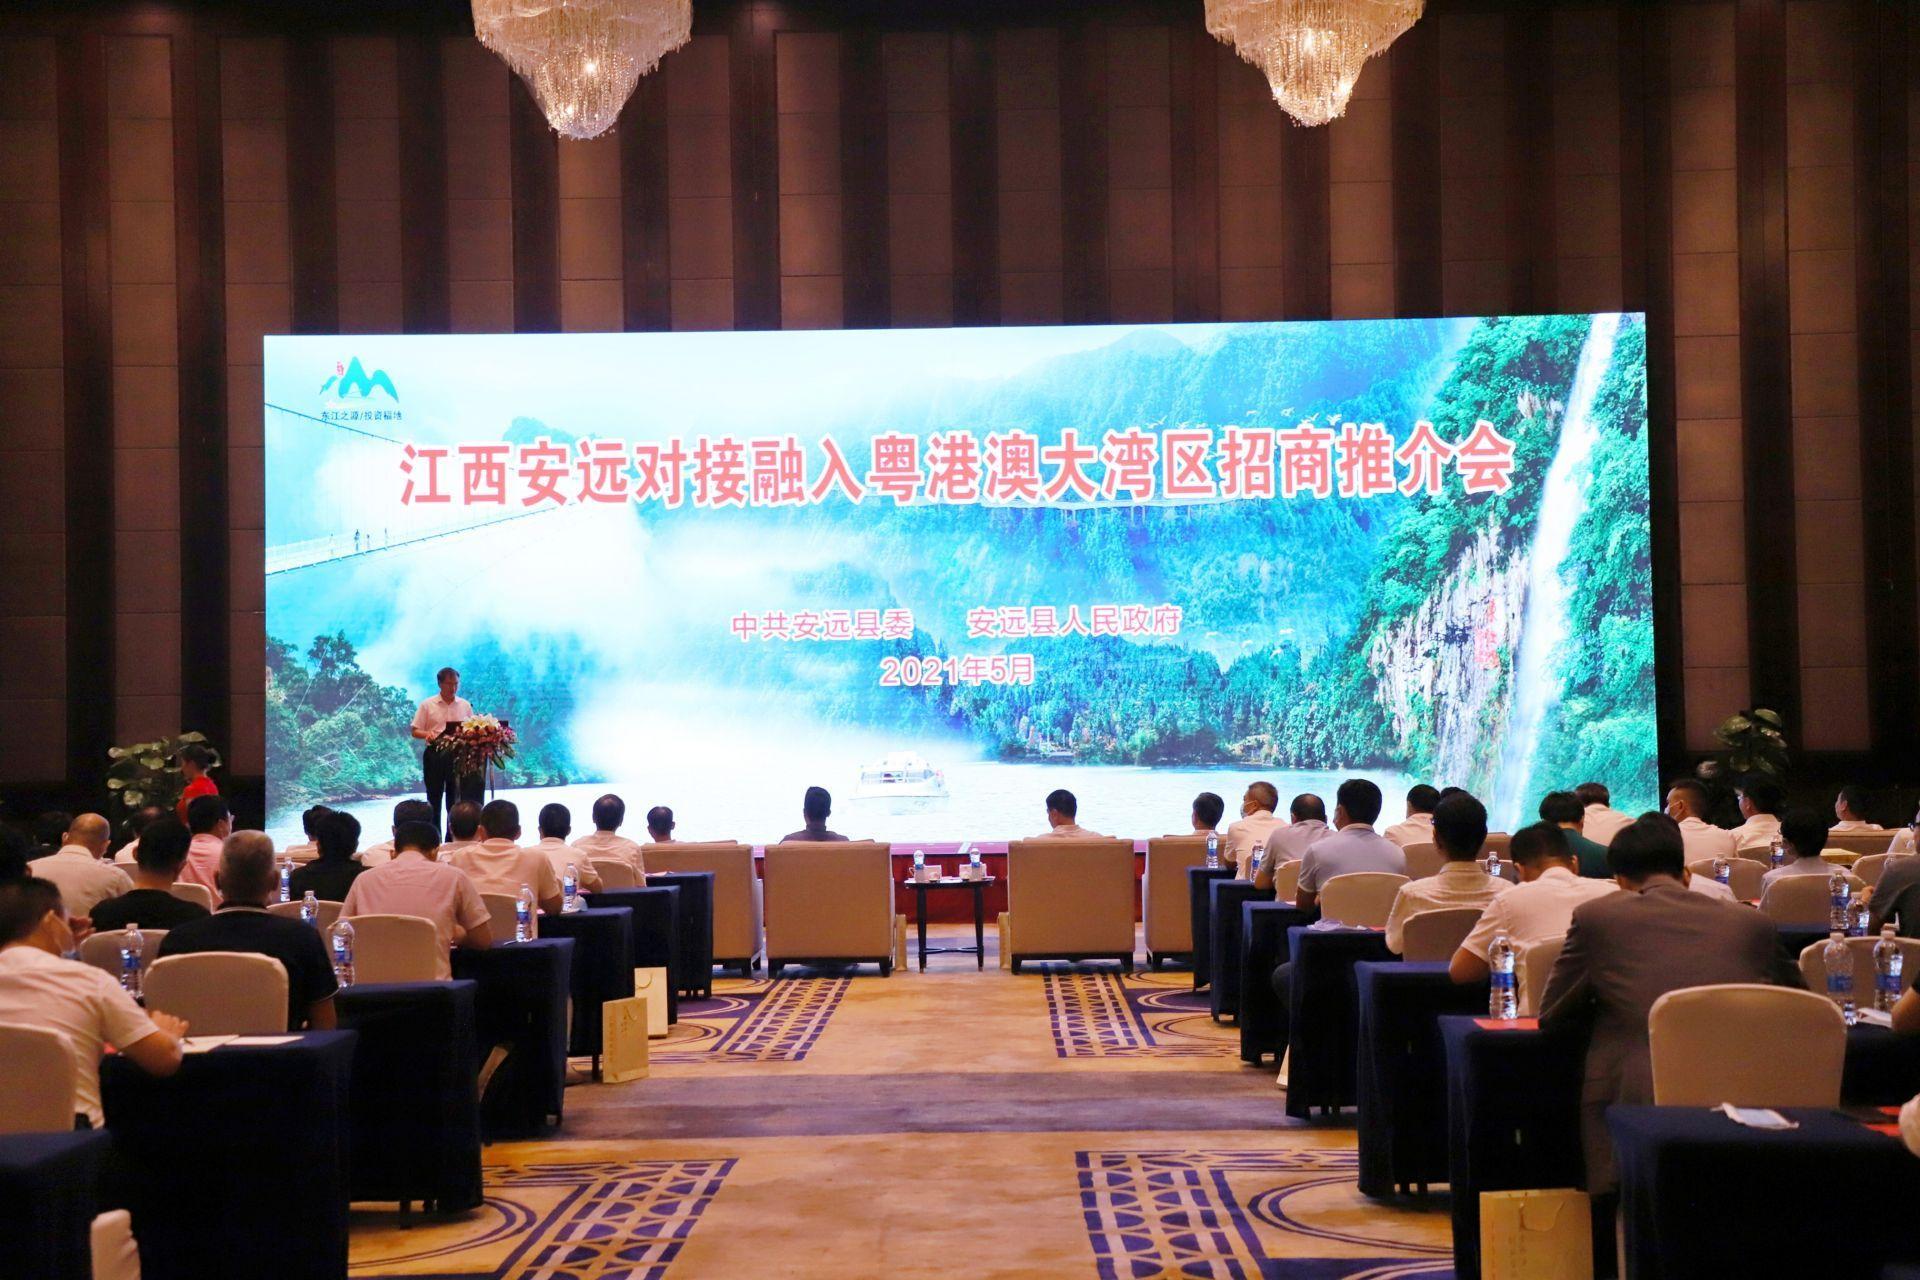 江西省安远县对接融入粤港澳大湾区招商推介会在深圳举办